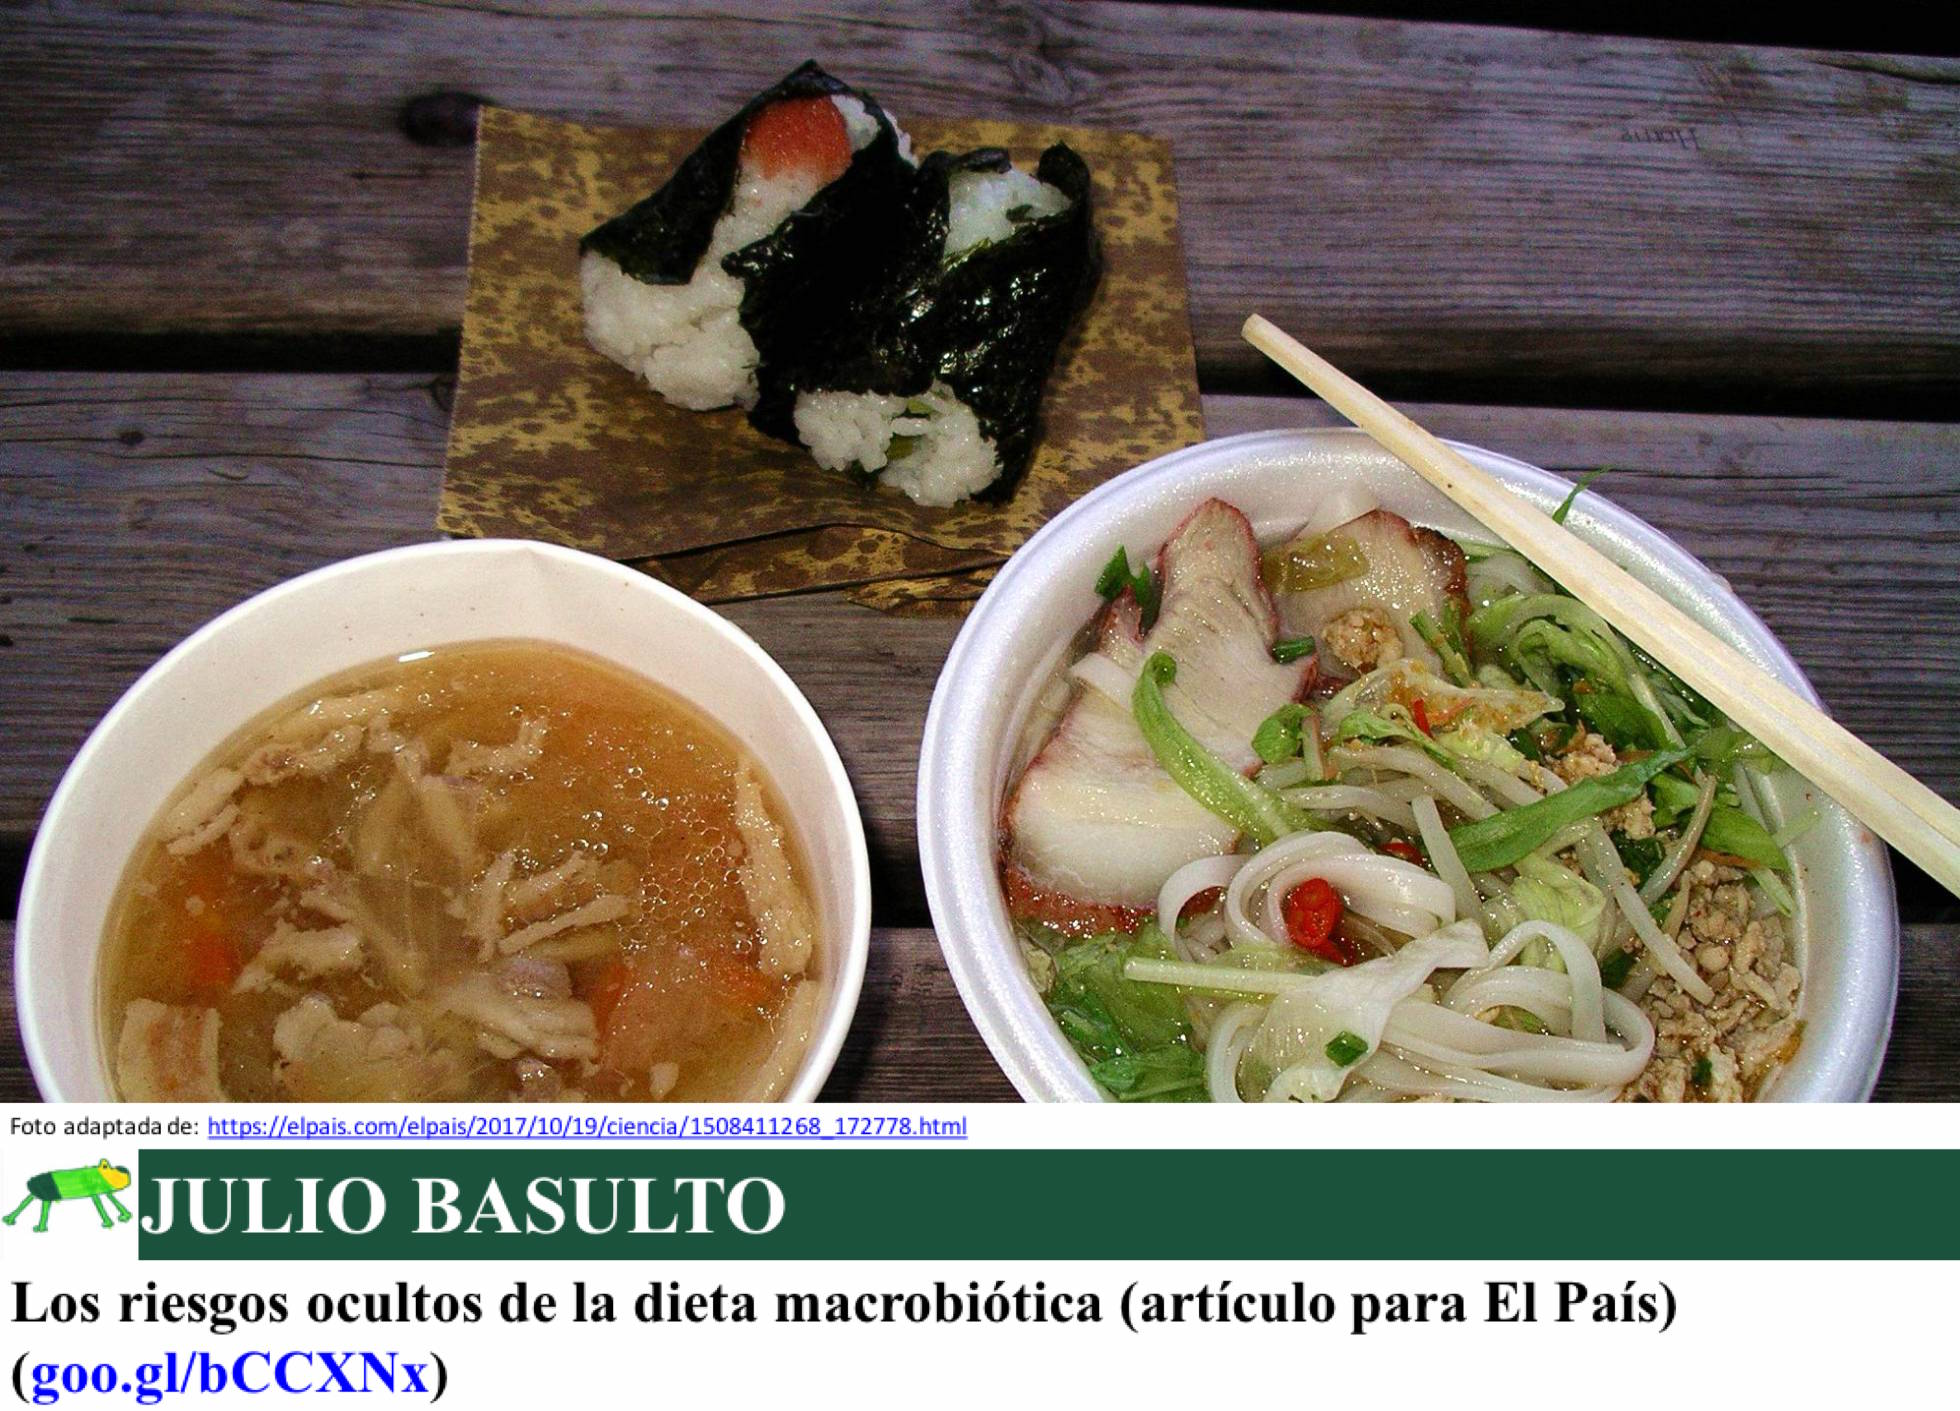 Los riesgos ocultos de la dieta macrobiótica (artículo para El País)